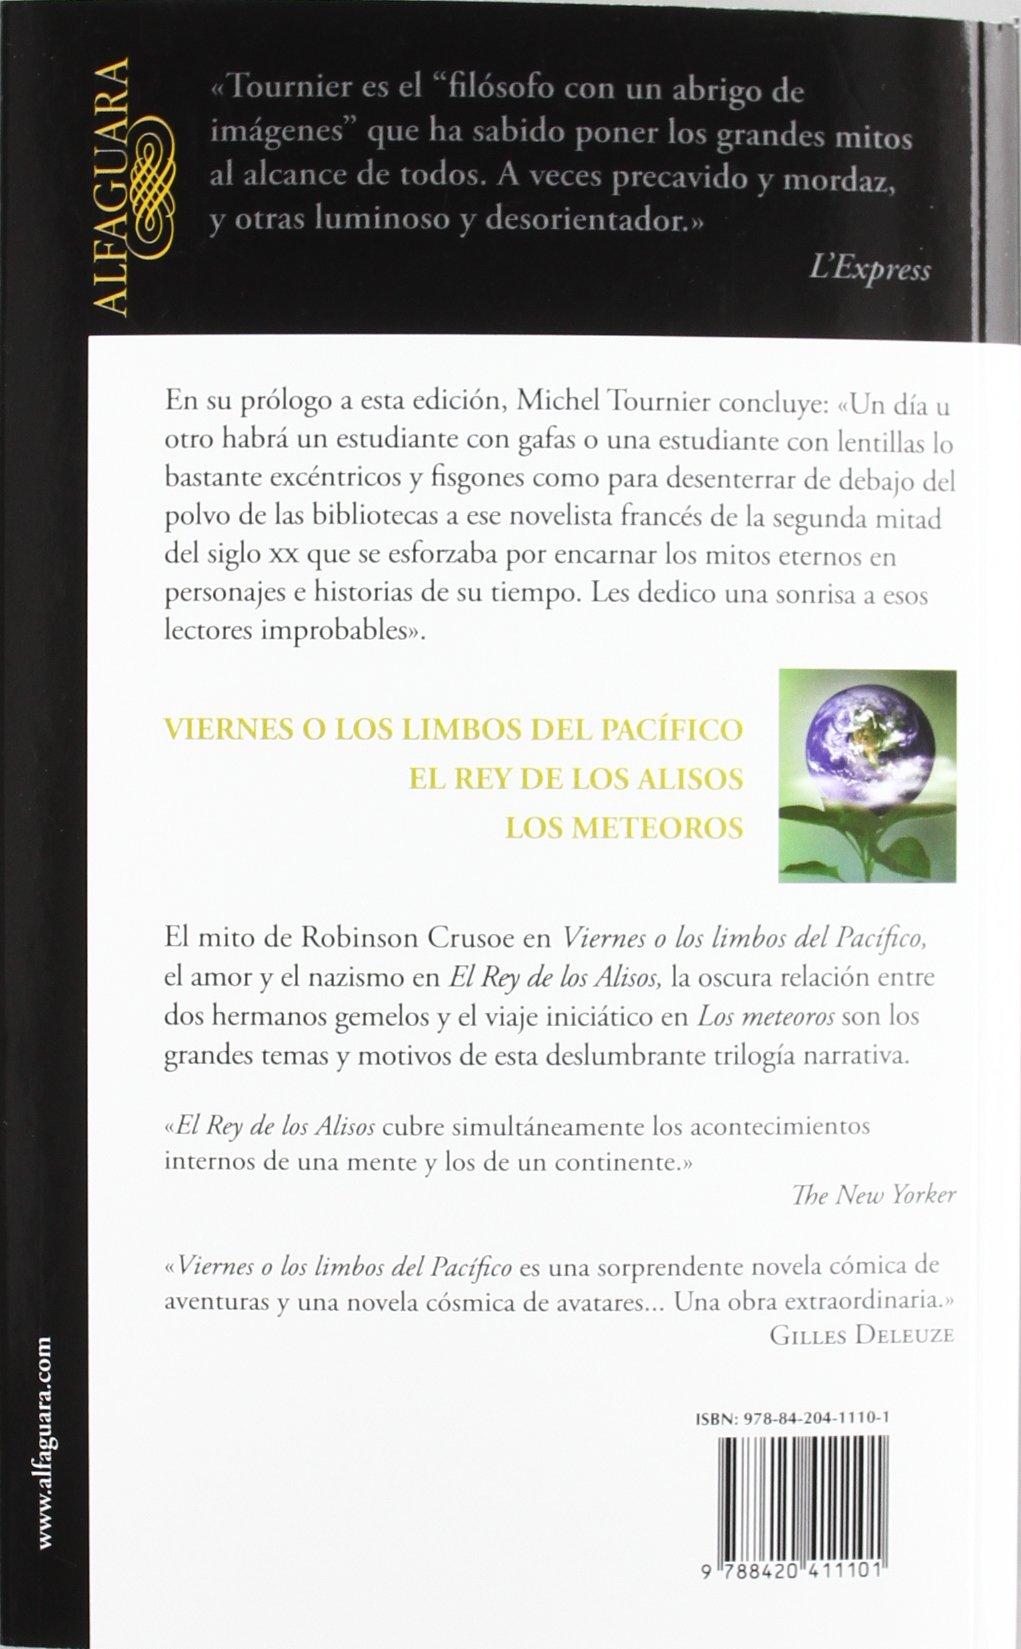 Viernes o los limbos del Pacífico ; El rey de los Alisos ; Los meteoros: Michel Tournier, Marguerite Yourcenar: 9788420411101: Amazon.com: Books